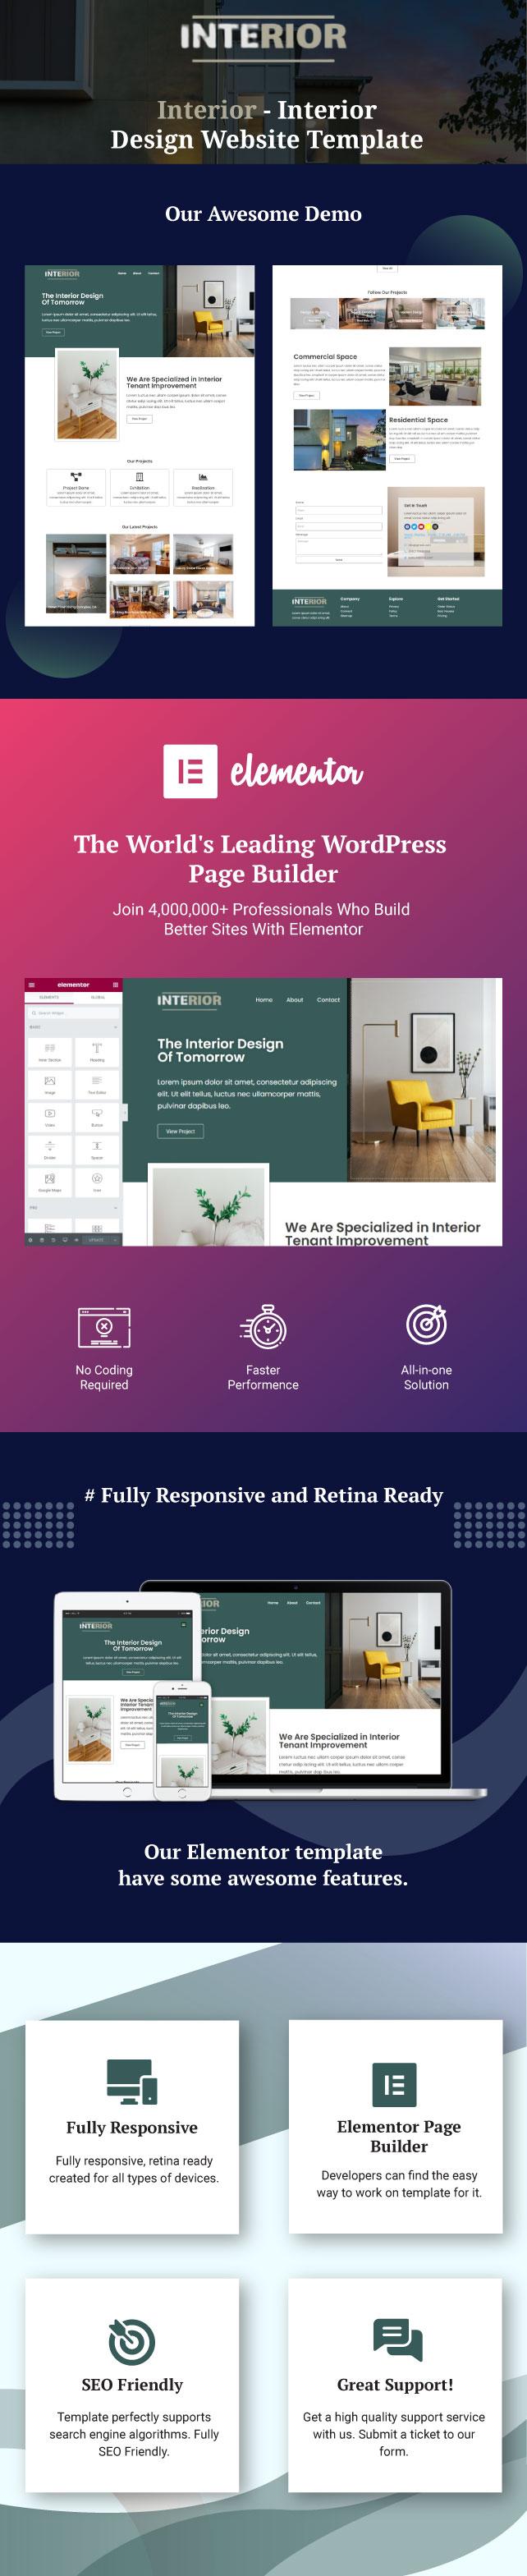 Interior-Interior-design-website-template